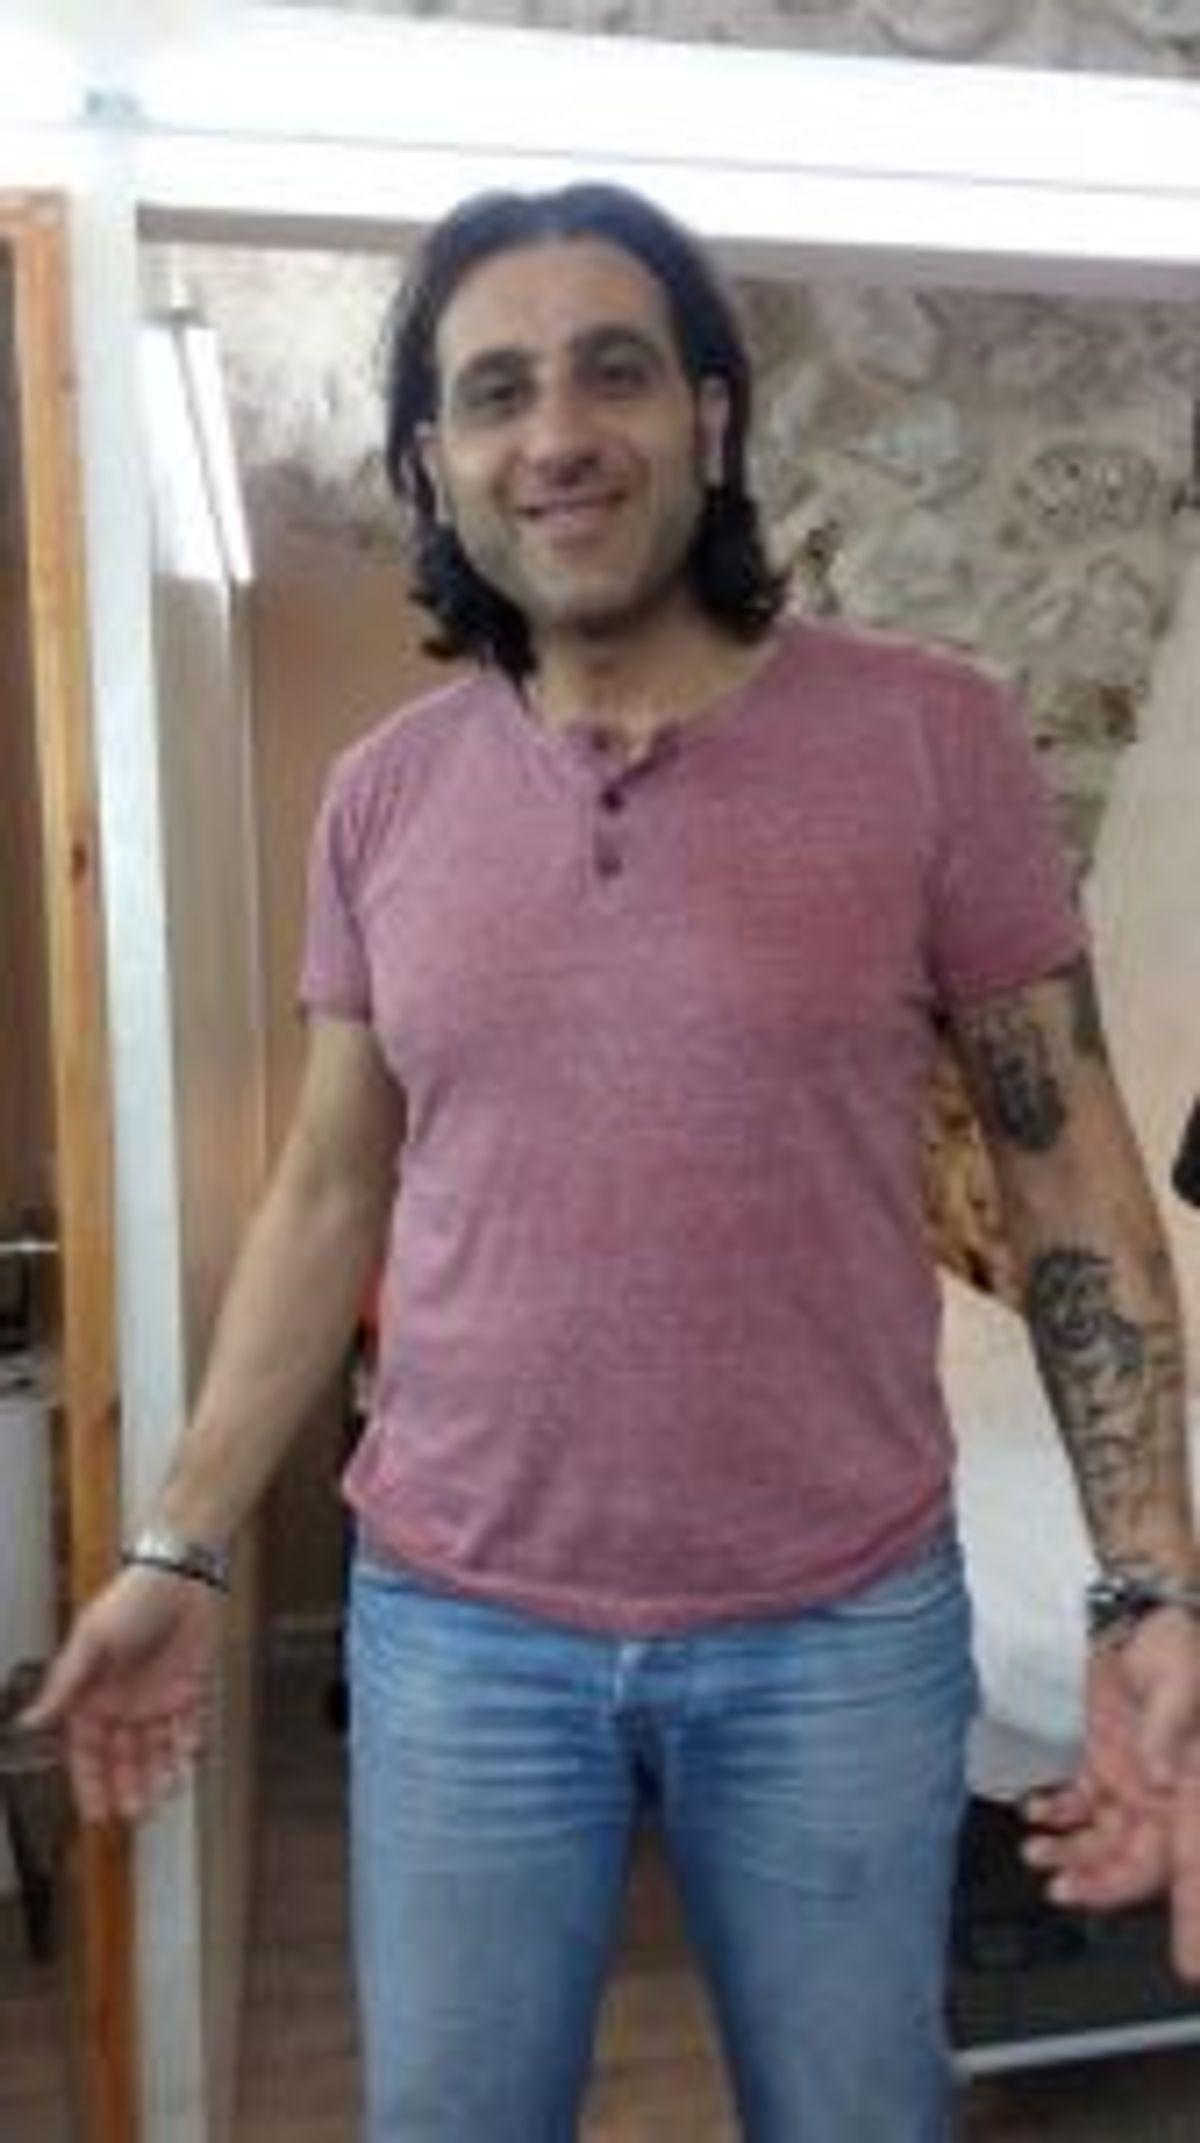 tatoeage-Wissam-168x300